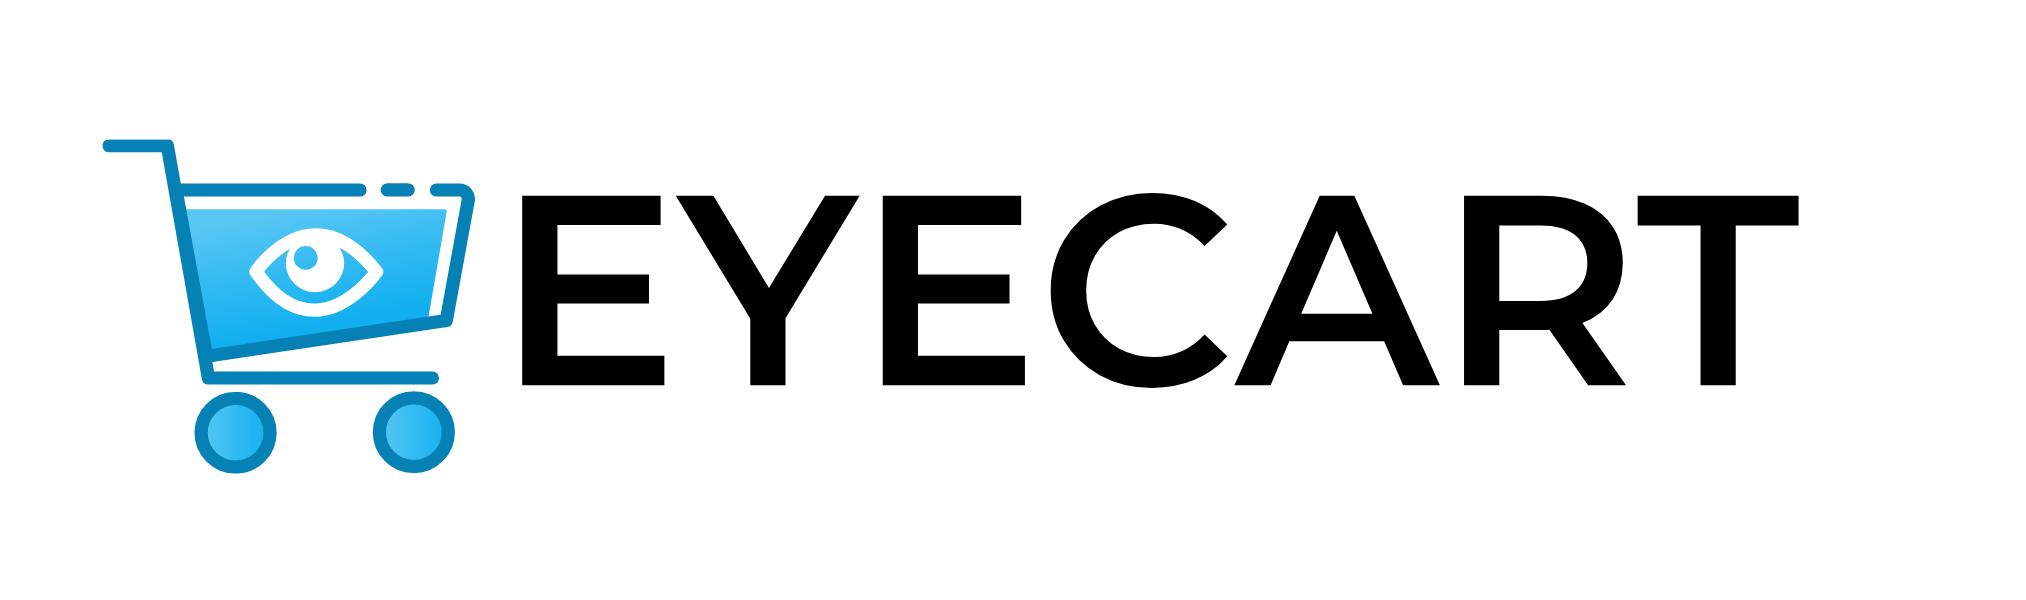 Eyecart